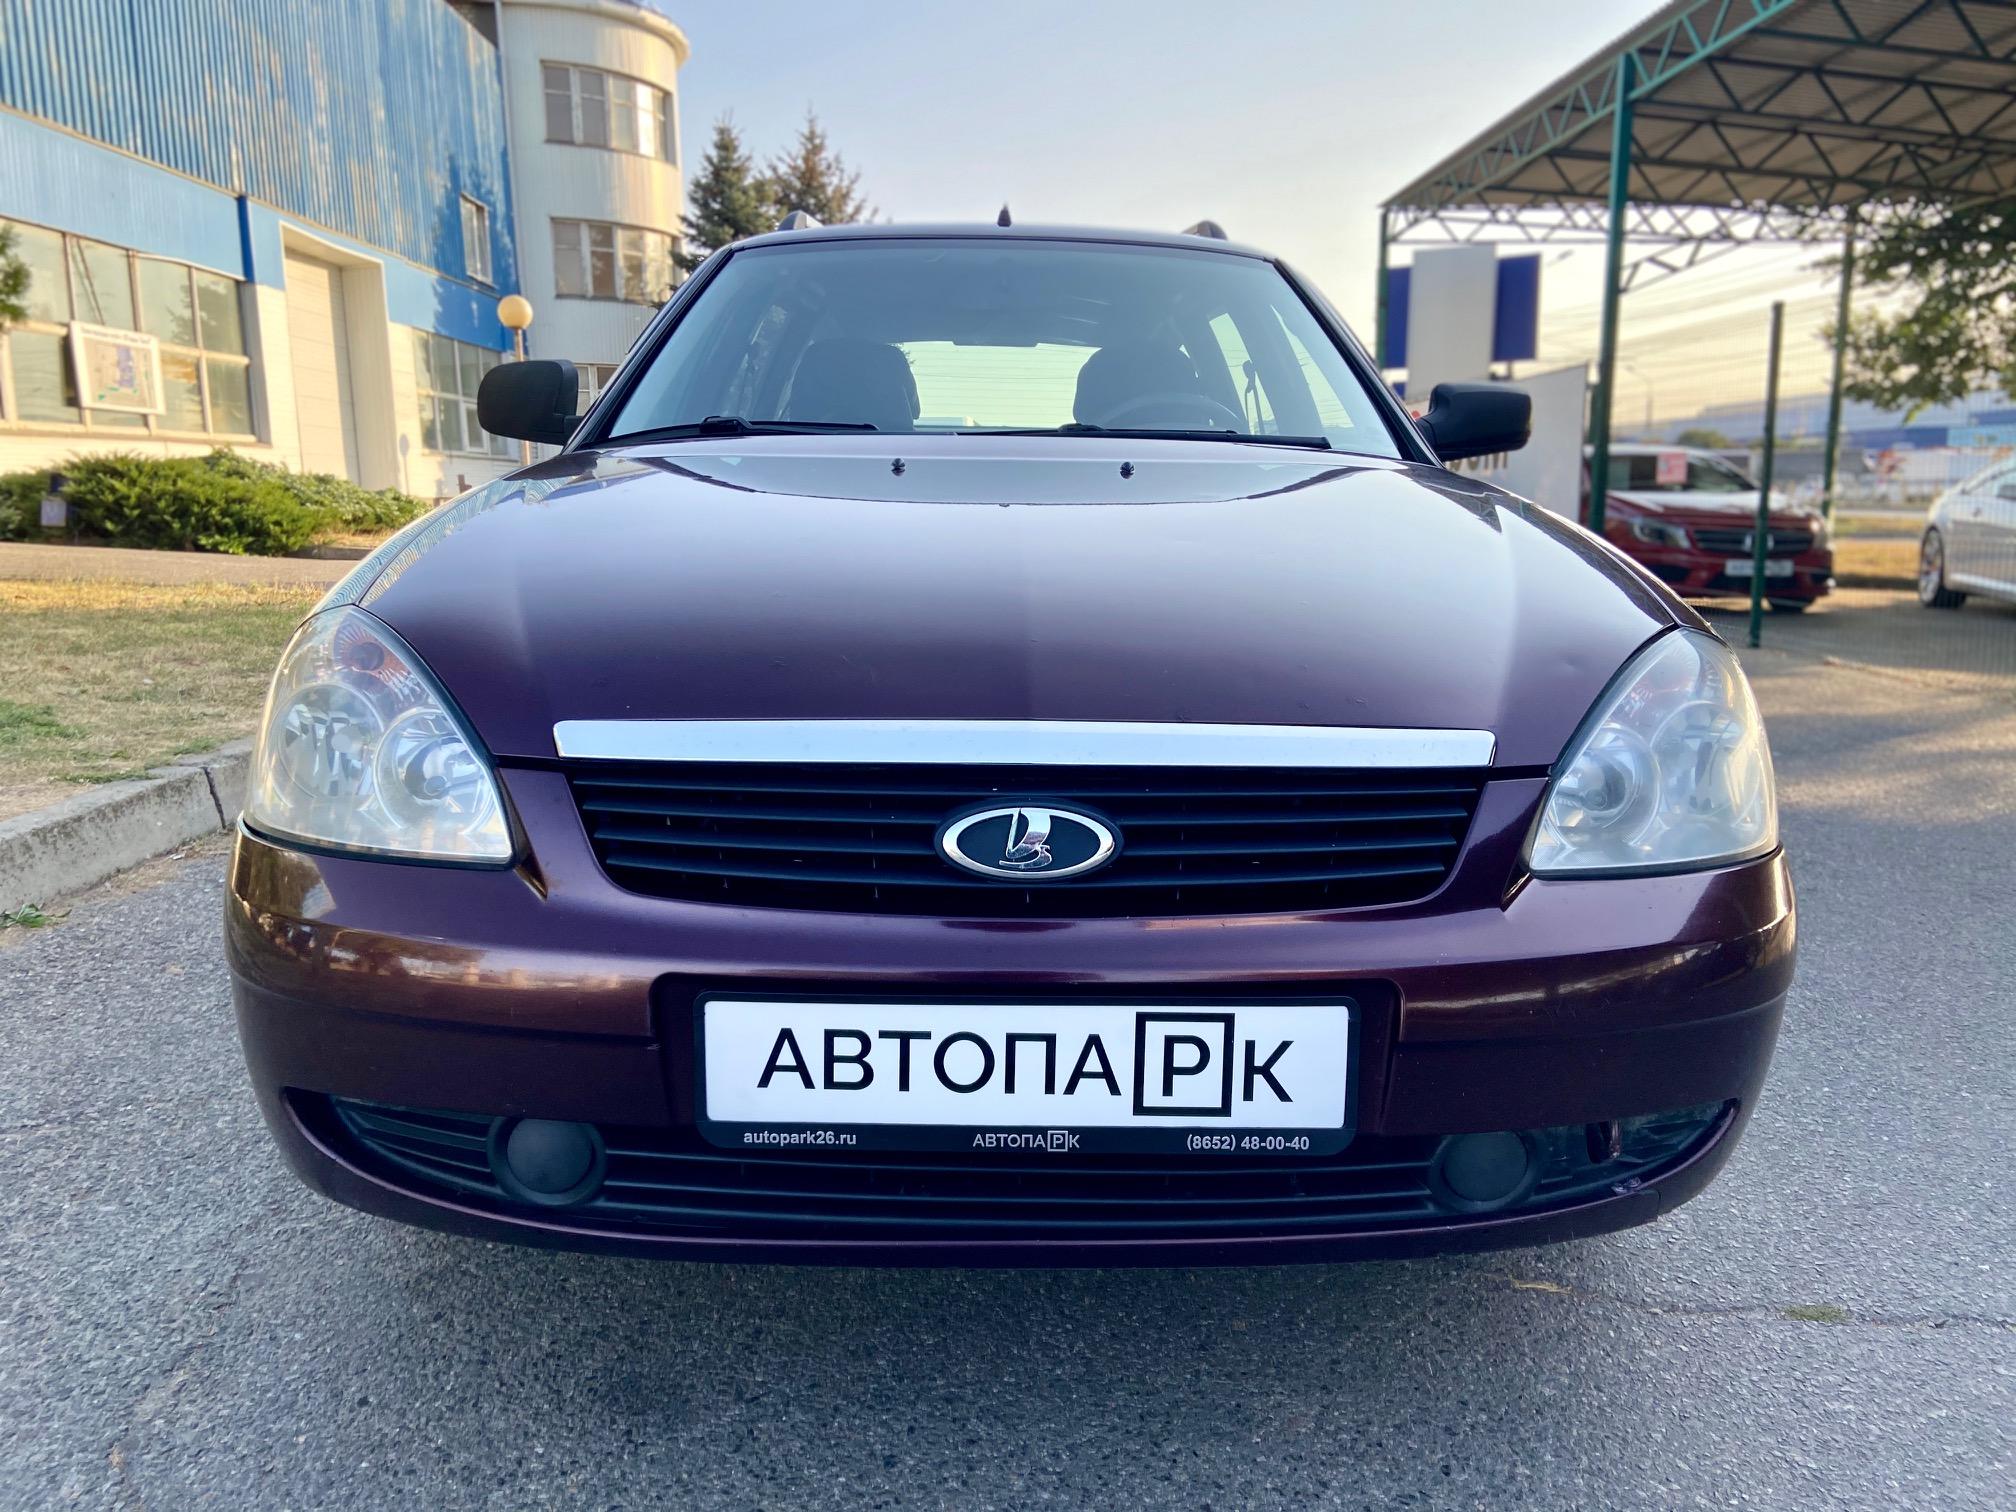 Купить LADA Priora (Тёмно-вишнёвый) - Автопарк Ставрополь